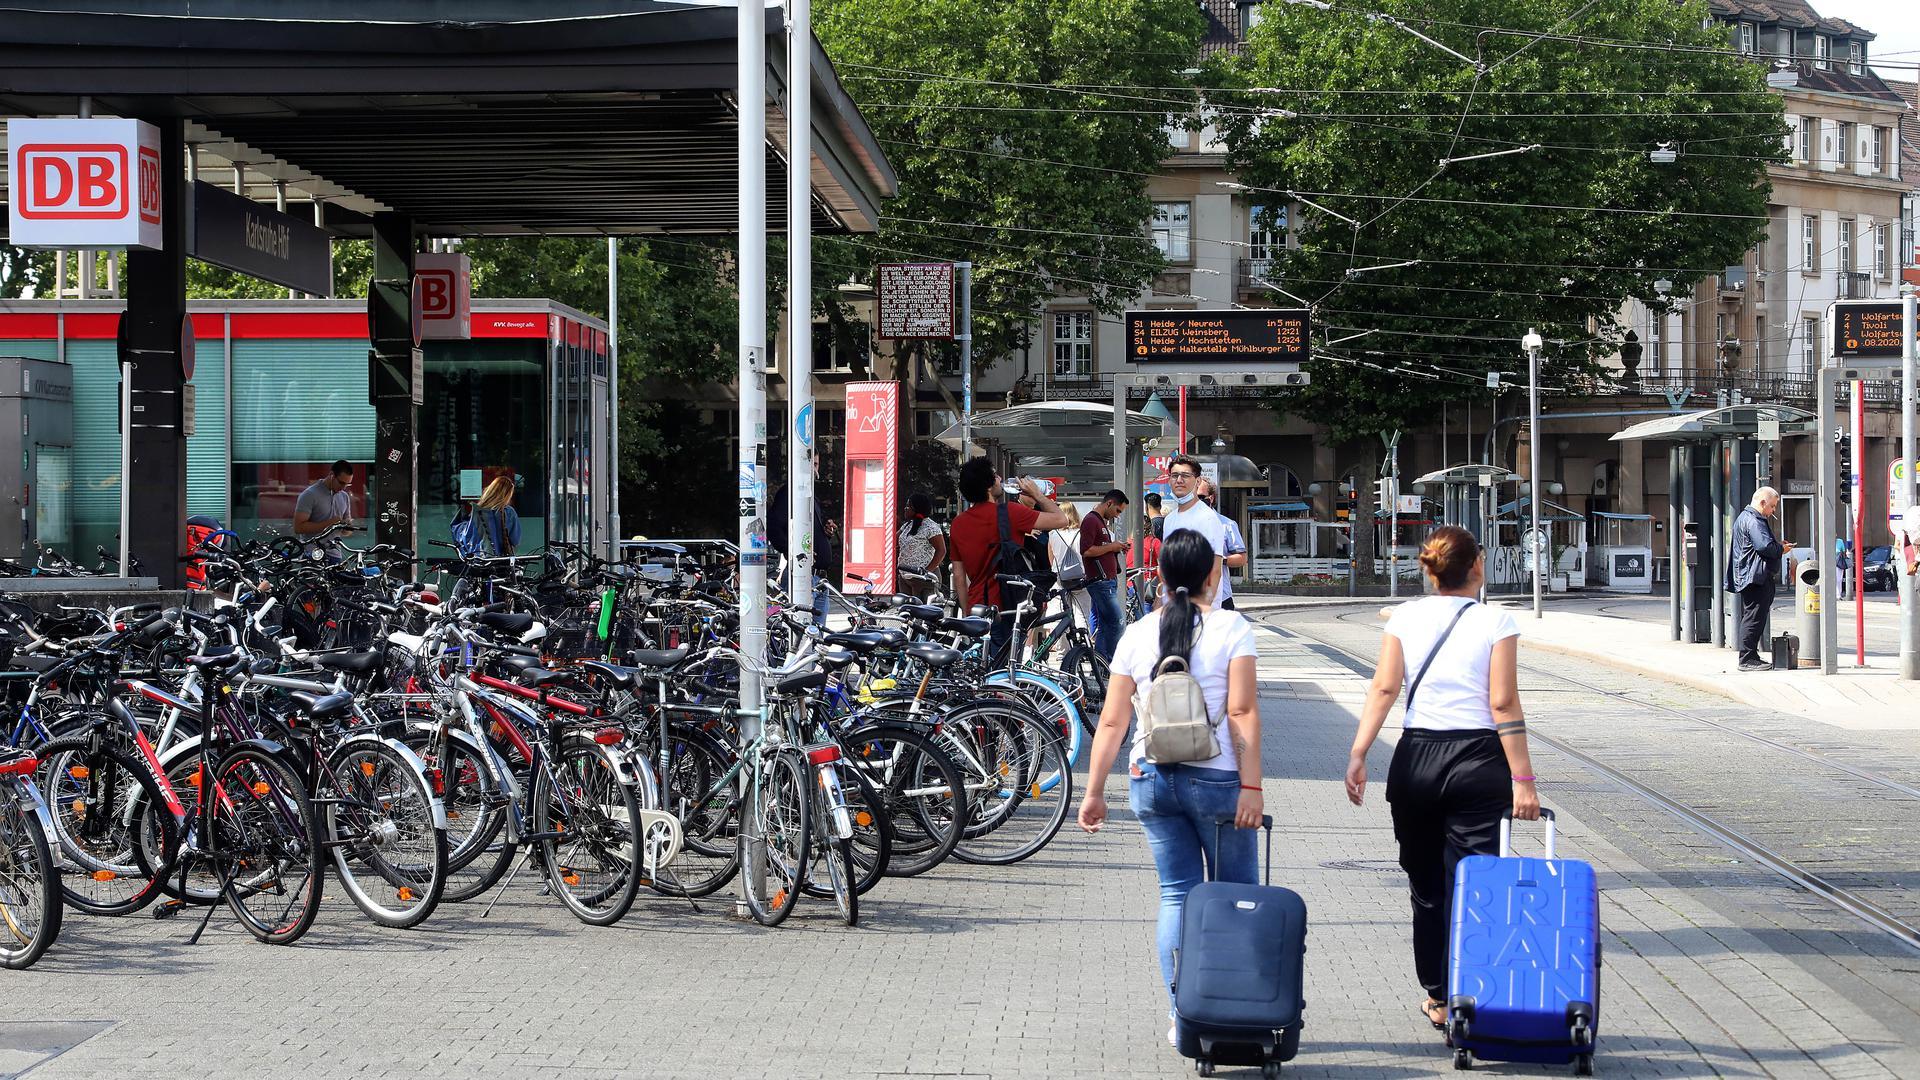 18.08.2020 Reisen zu Corona-Zeiten vor dem Hauptbahnhof Karlsruhe